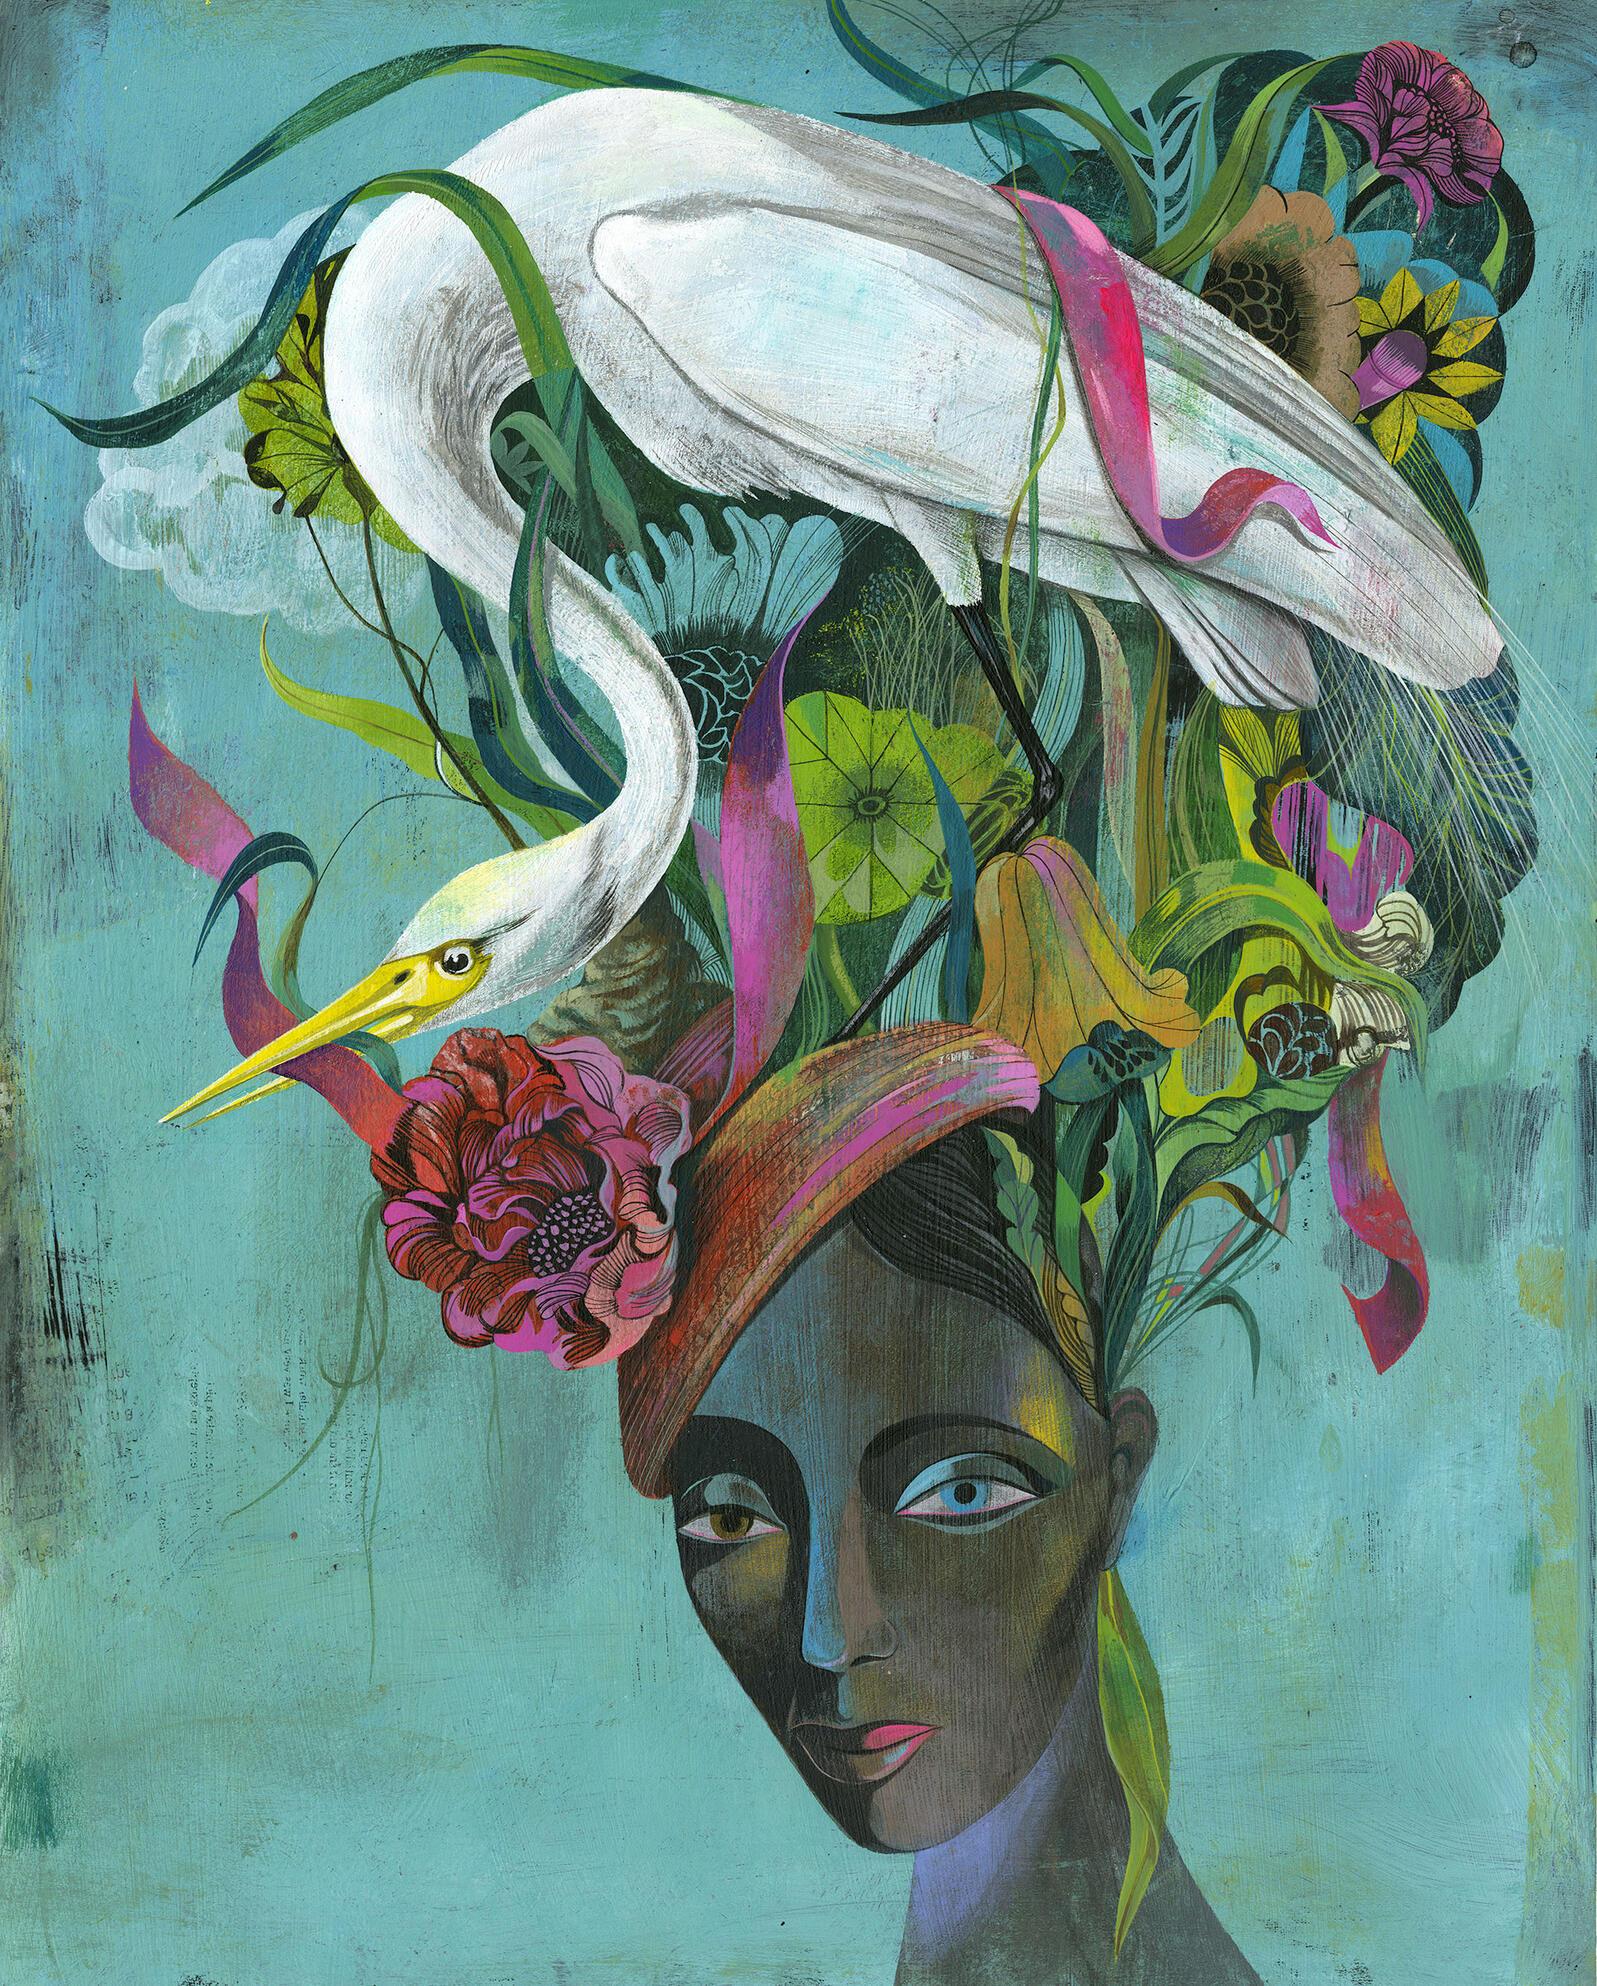 Illustration: Olaf Hajek